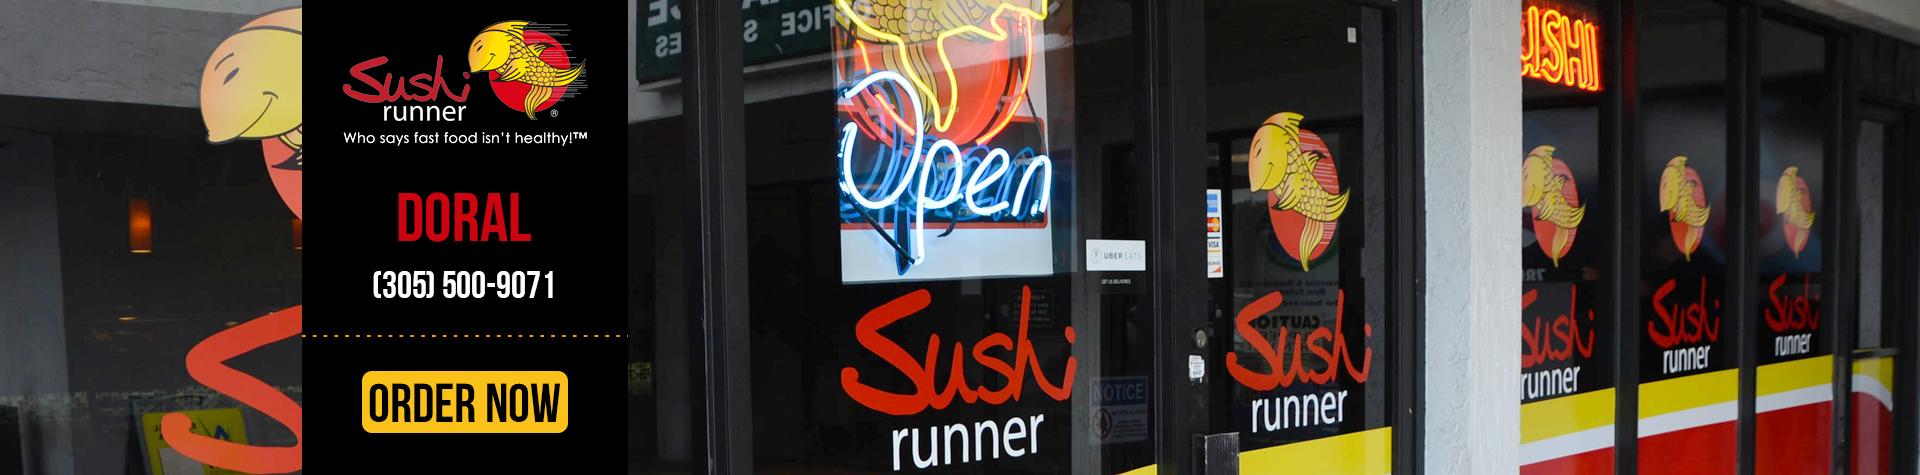 Sushi Runner | Restaurants in Doral | Sushi near me | Sushi